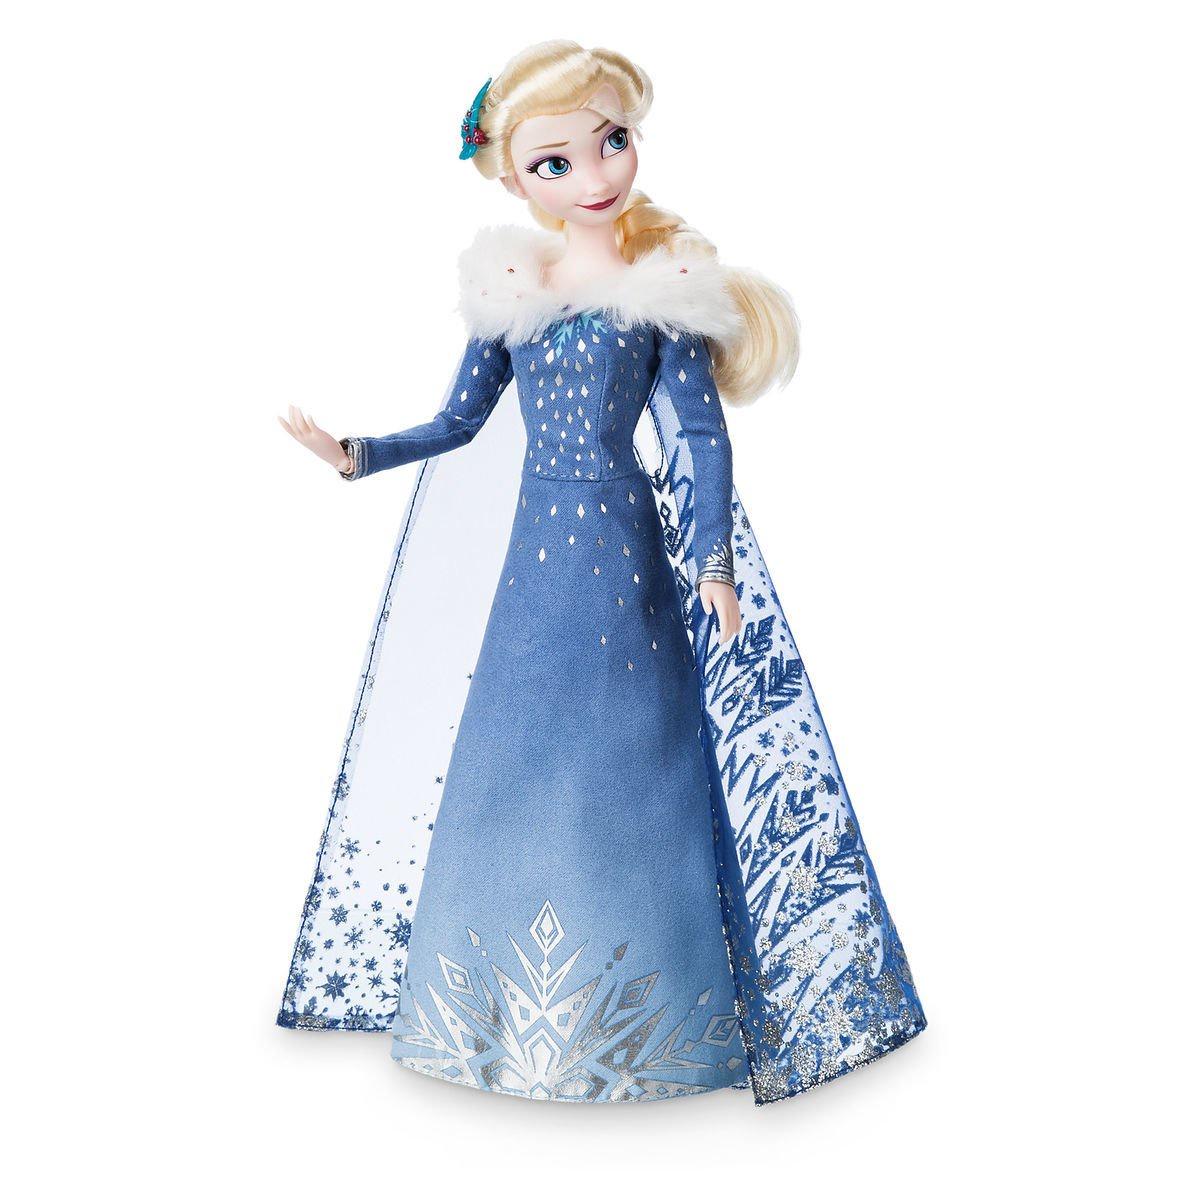 Поющая кукла Холодное Сердце Дисней Эльза Disney кукла эльза и пабби тролли холодное сердце disney